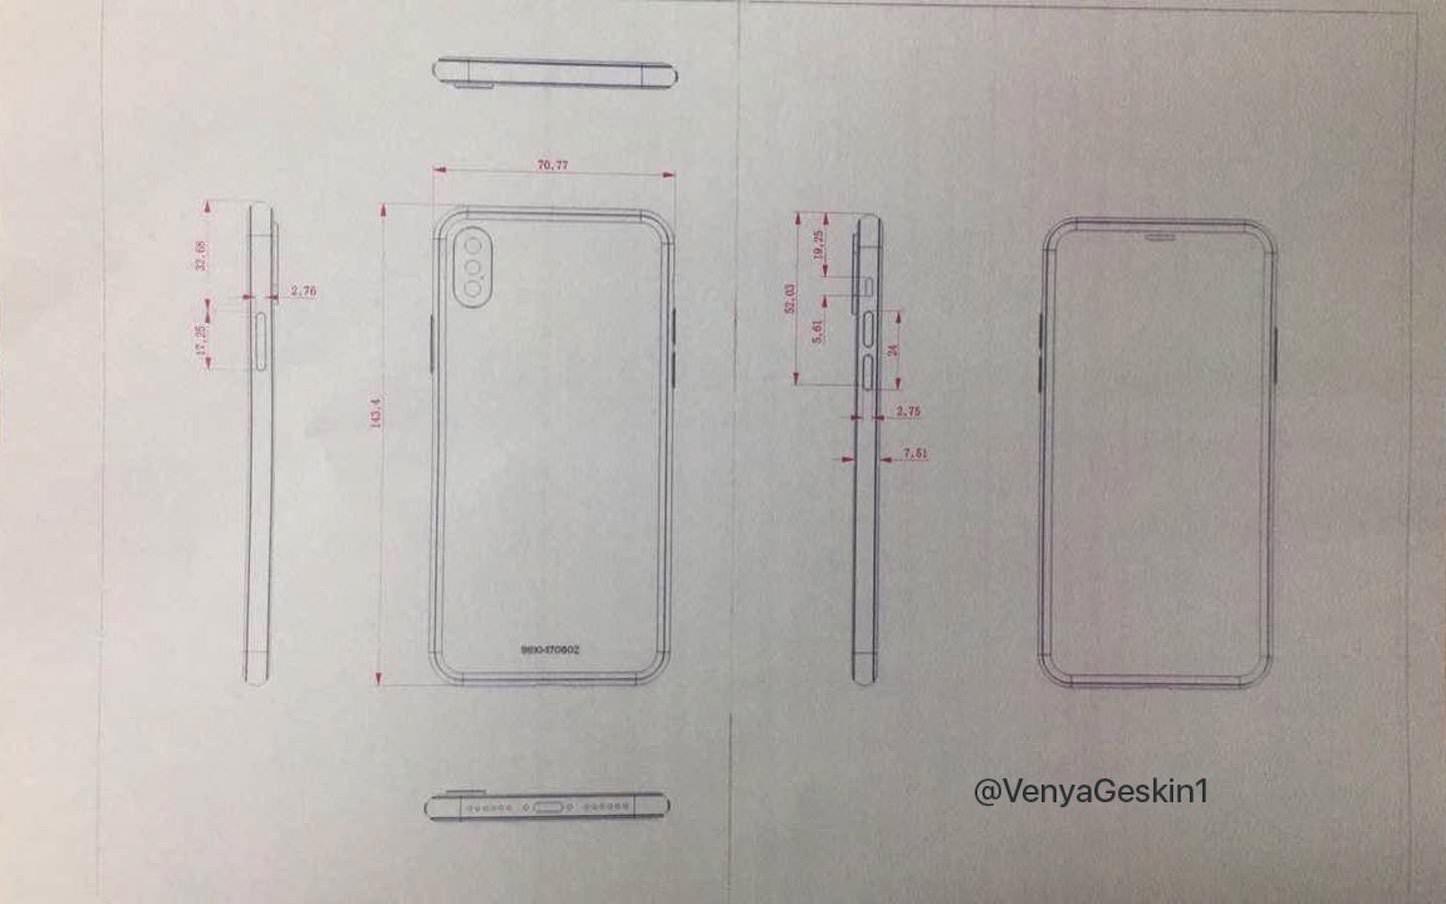 iphone7s-drawings-1.jpg